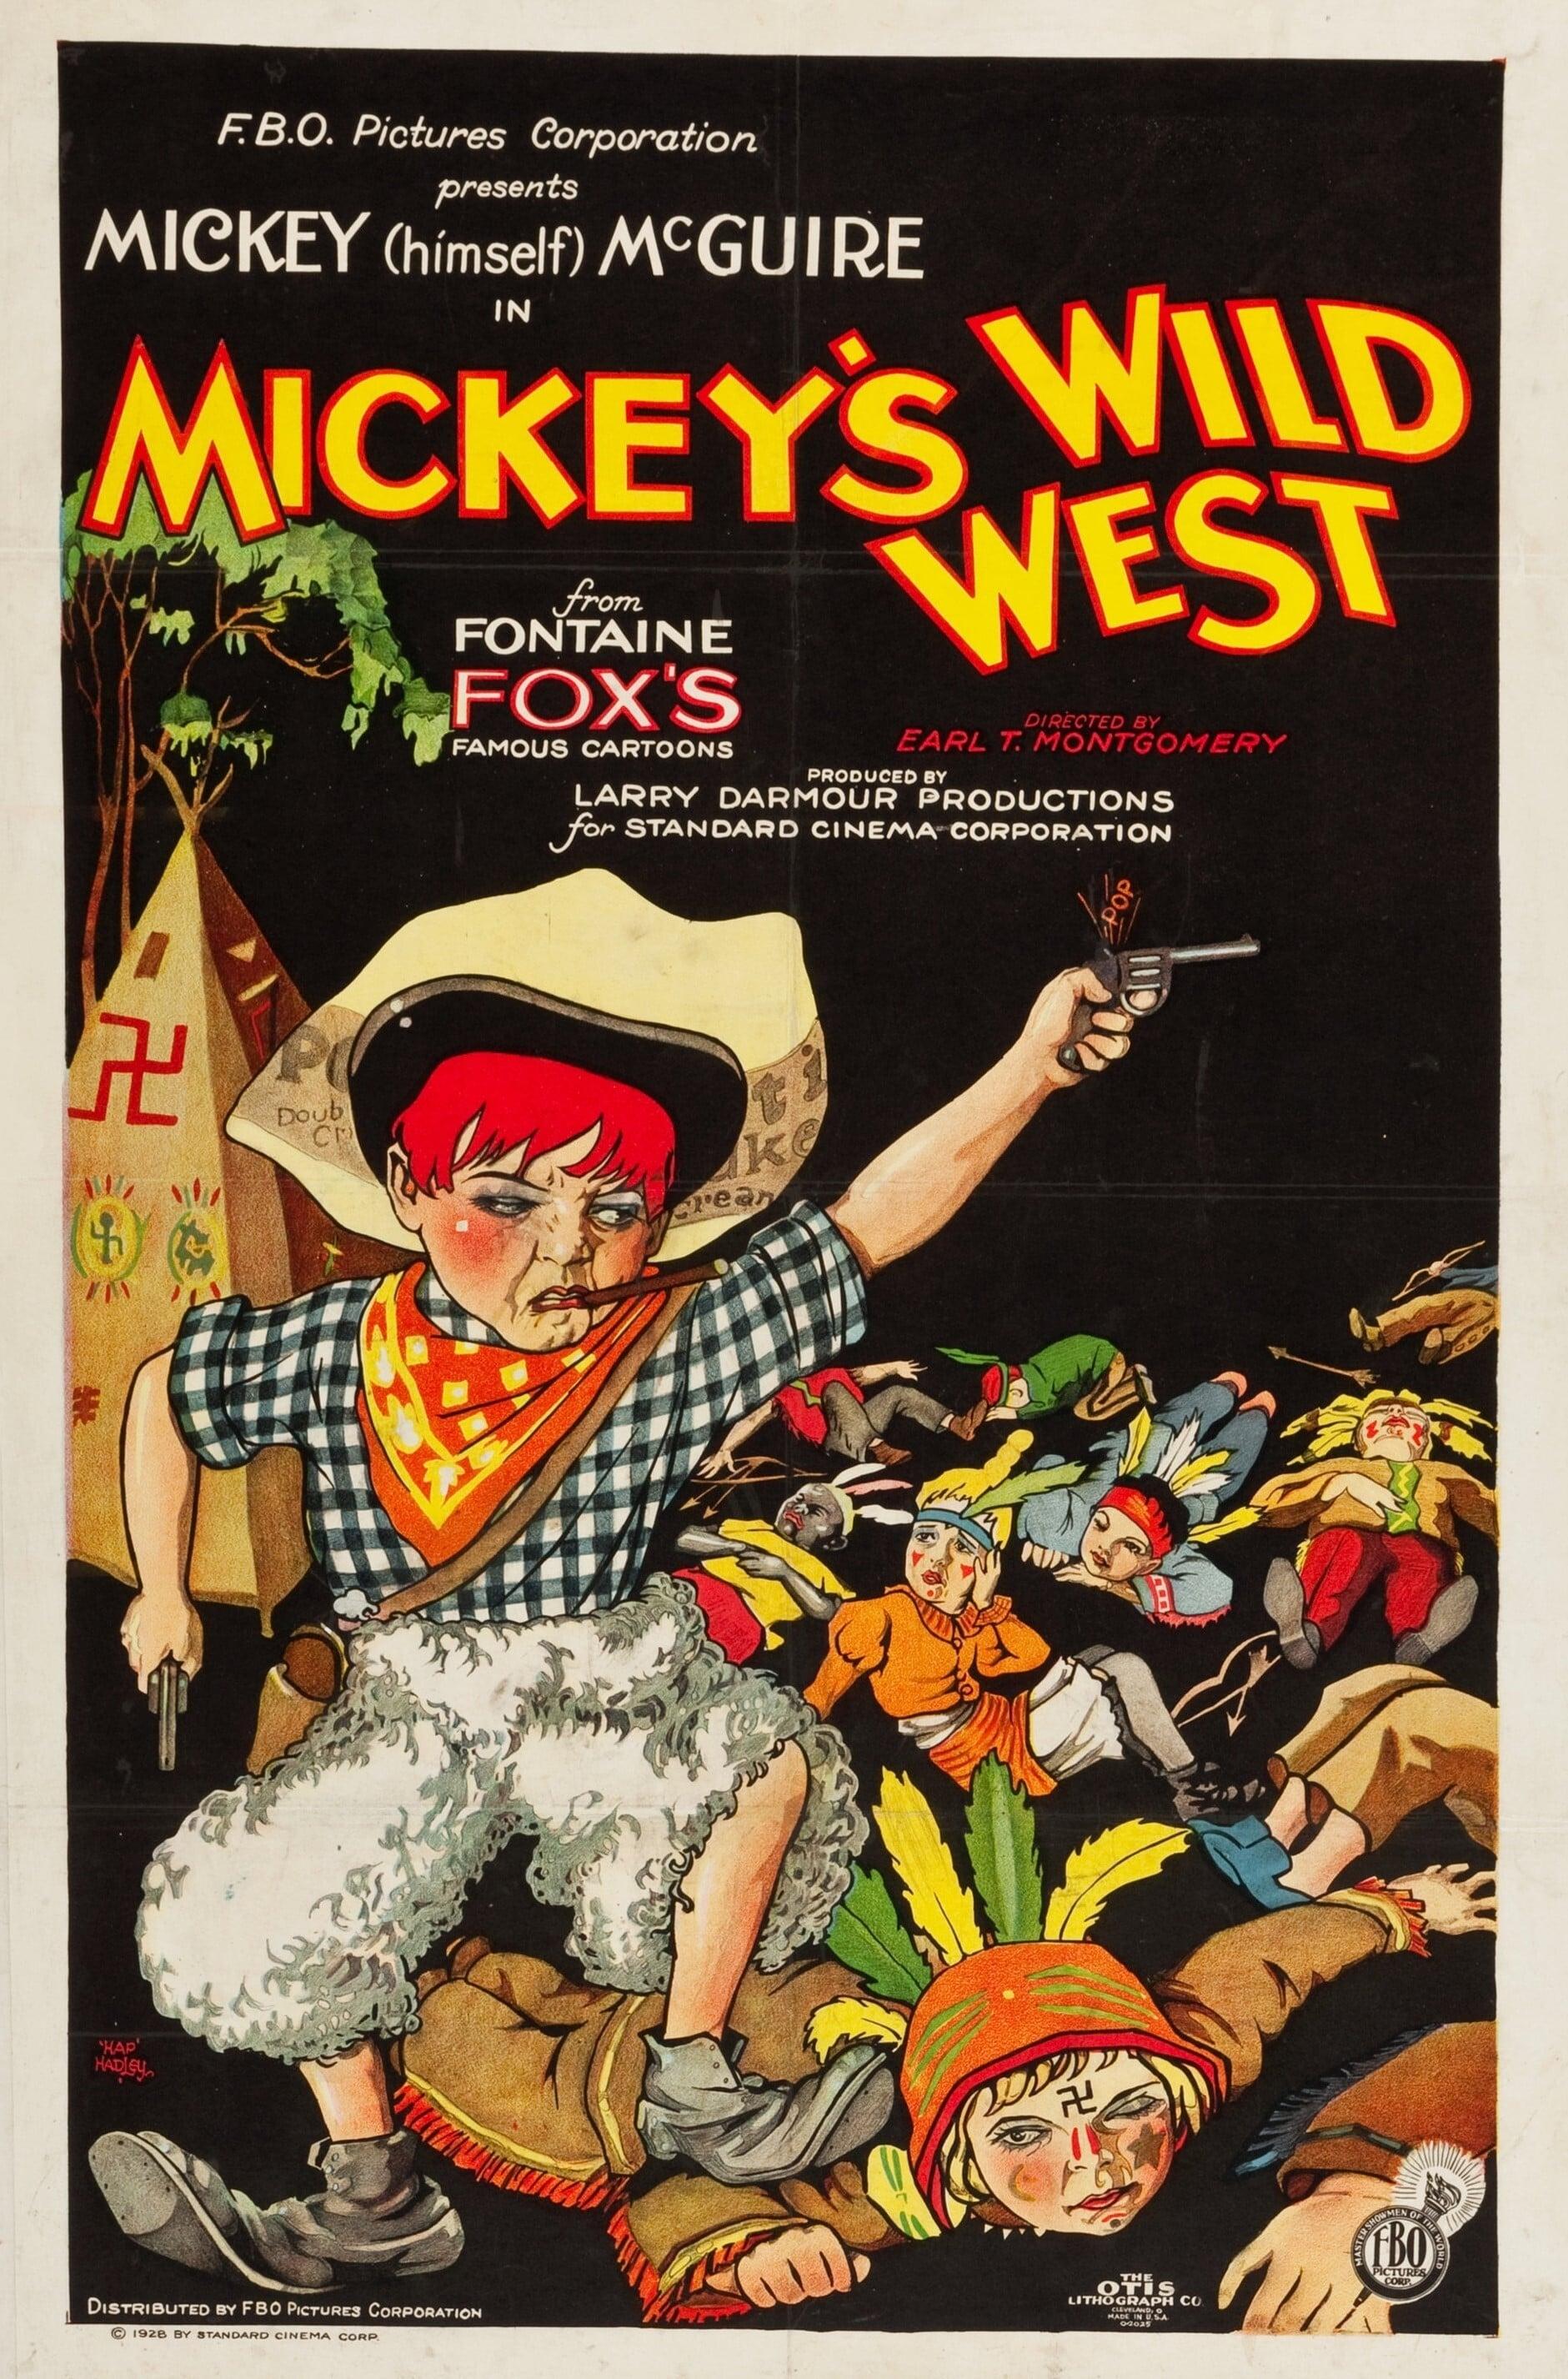 Mickey's Wild West